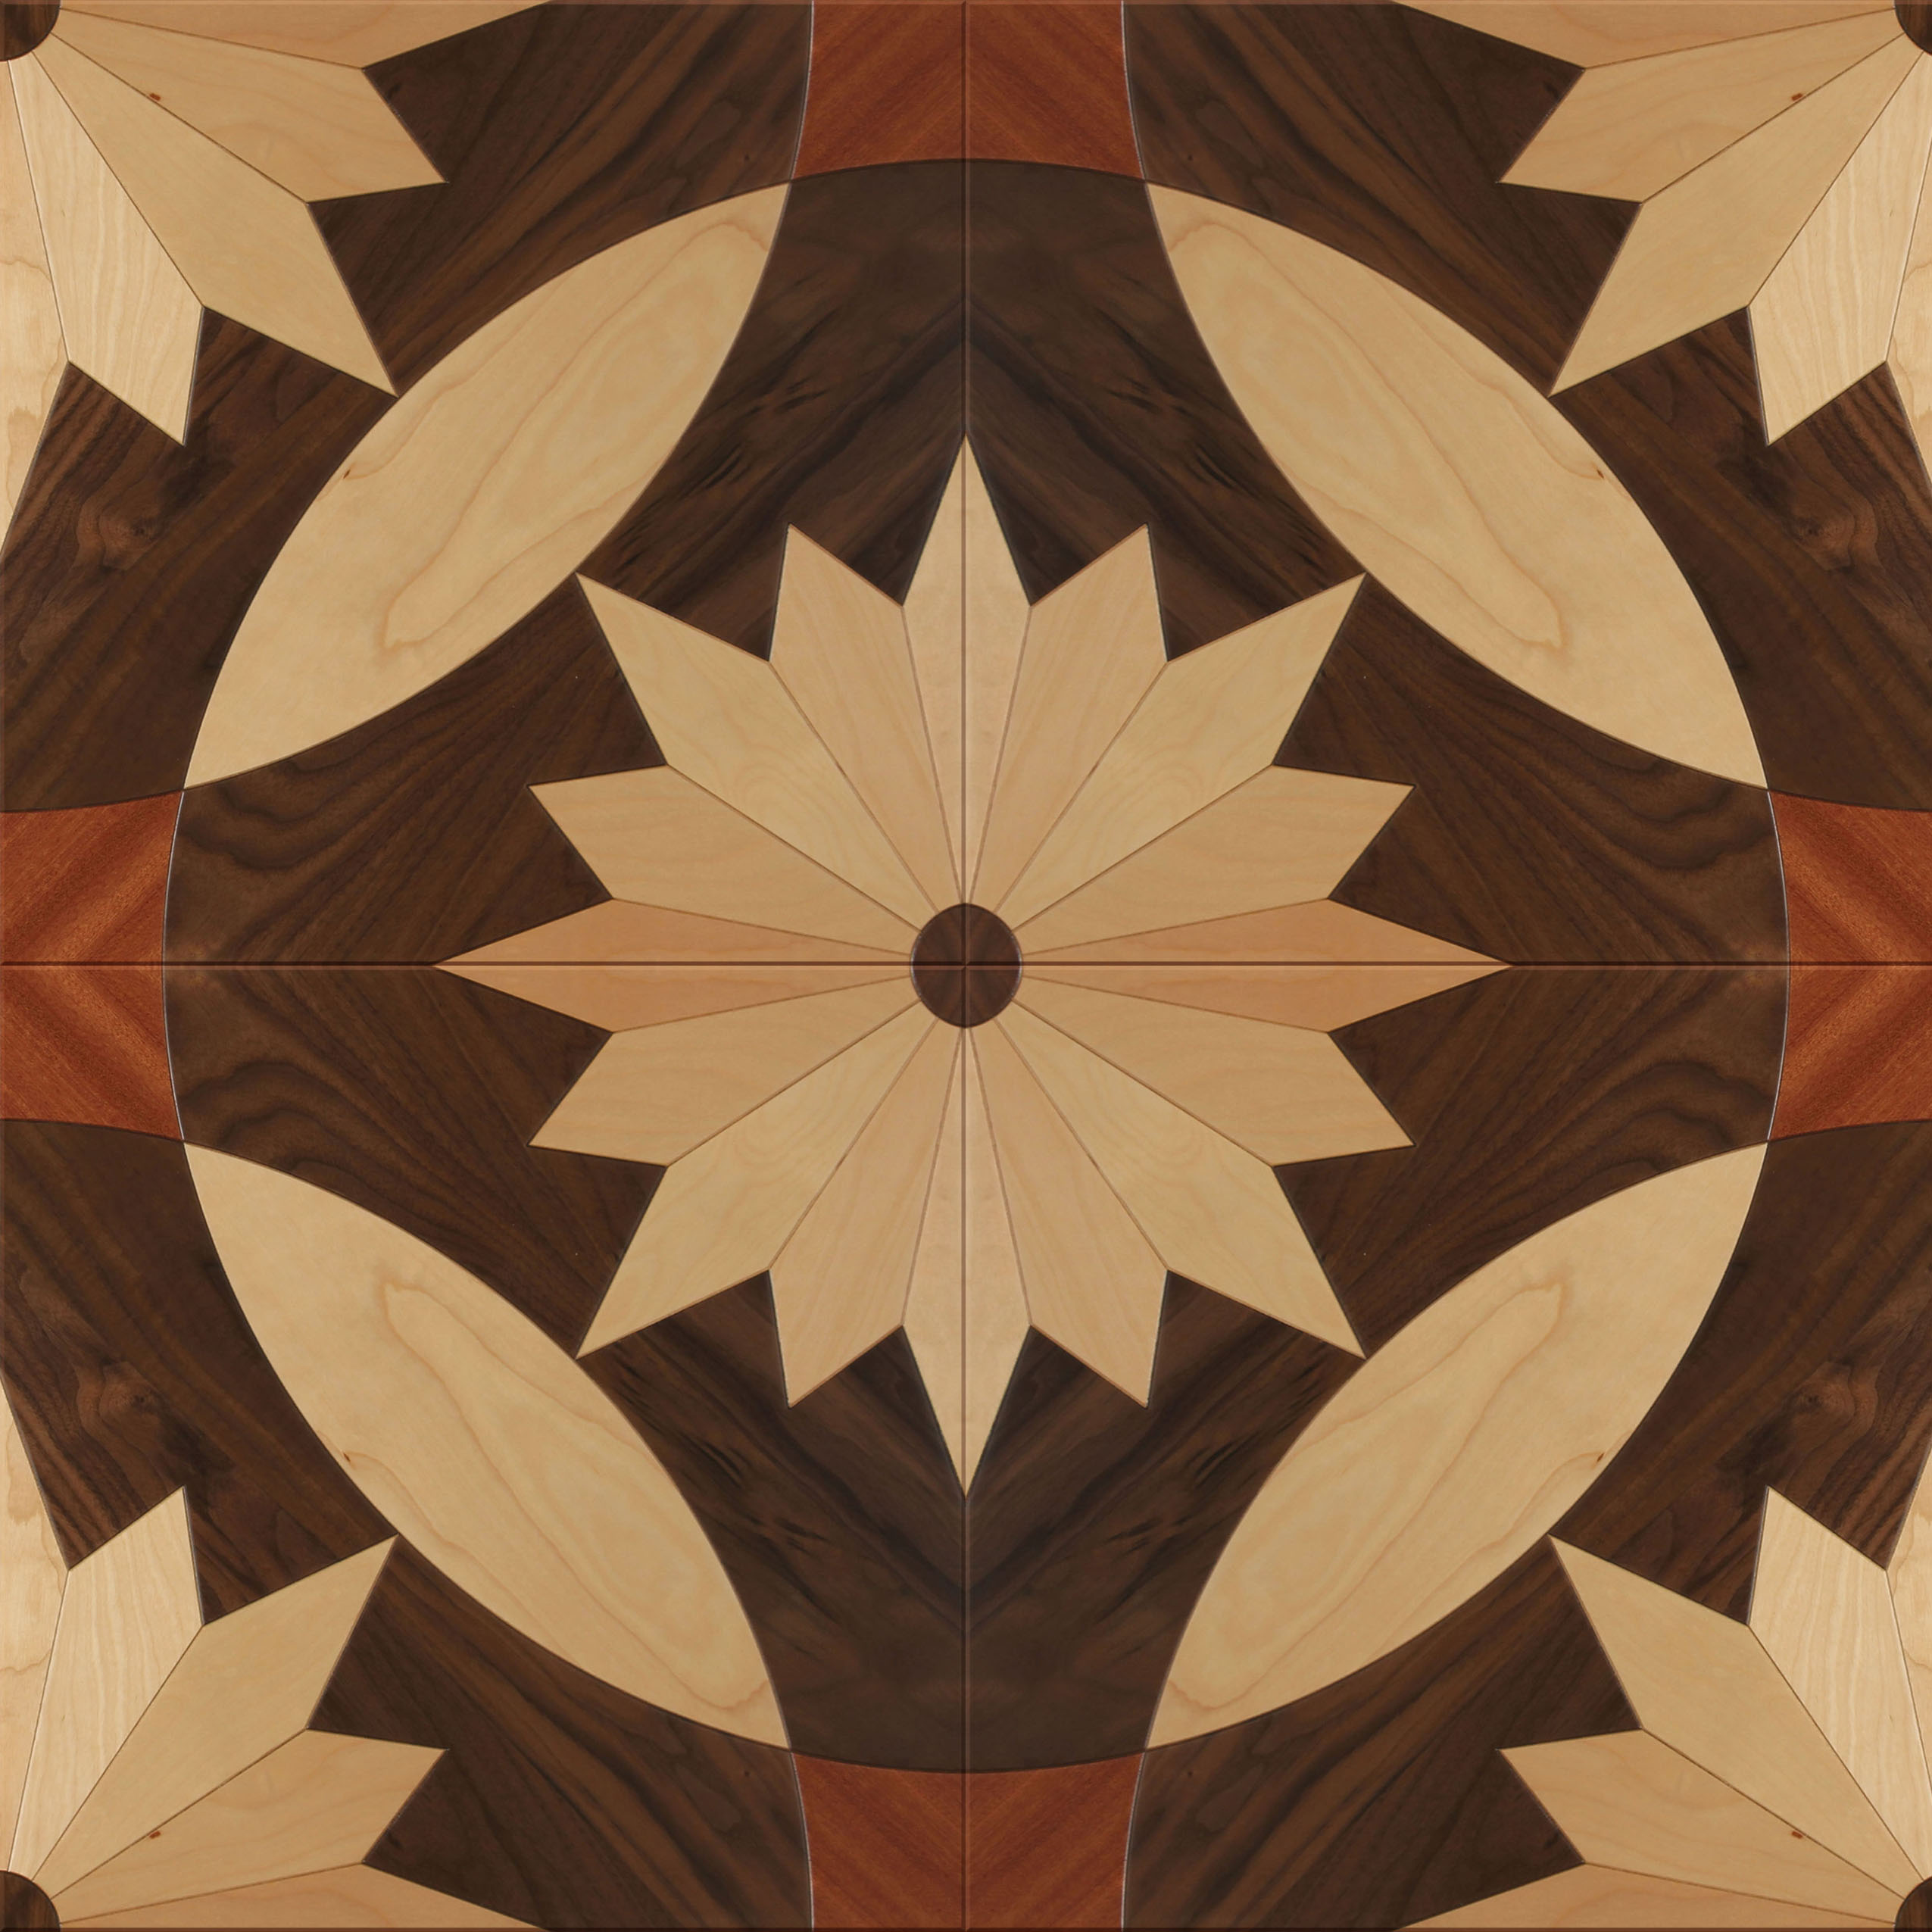 超清木地板拼花无缝贴图